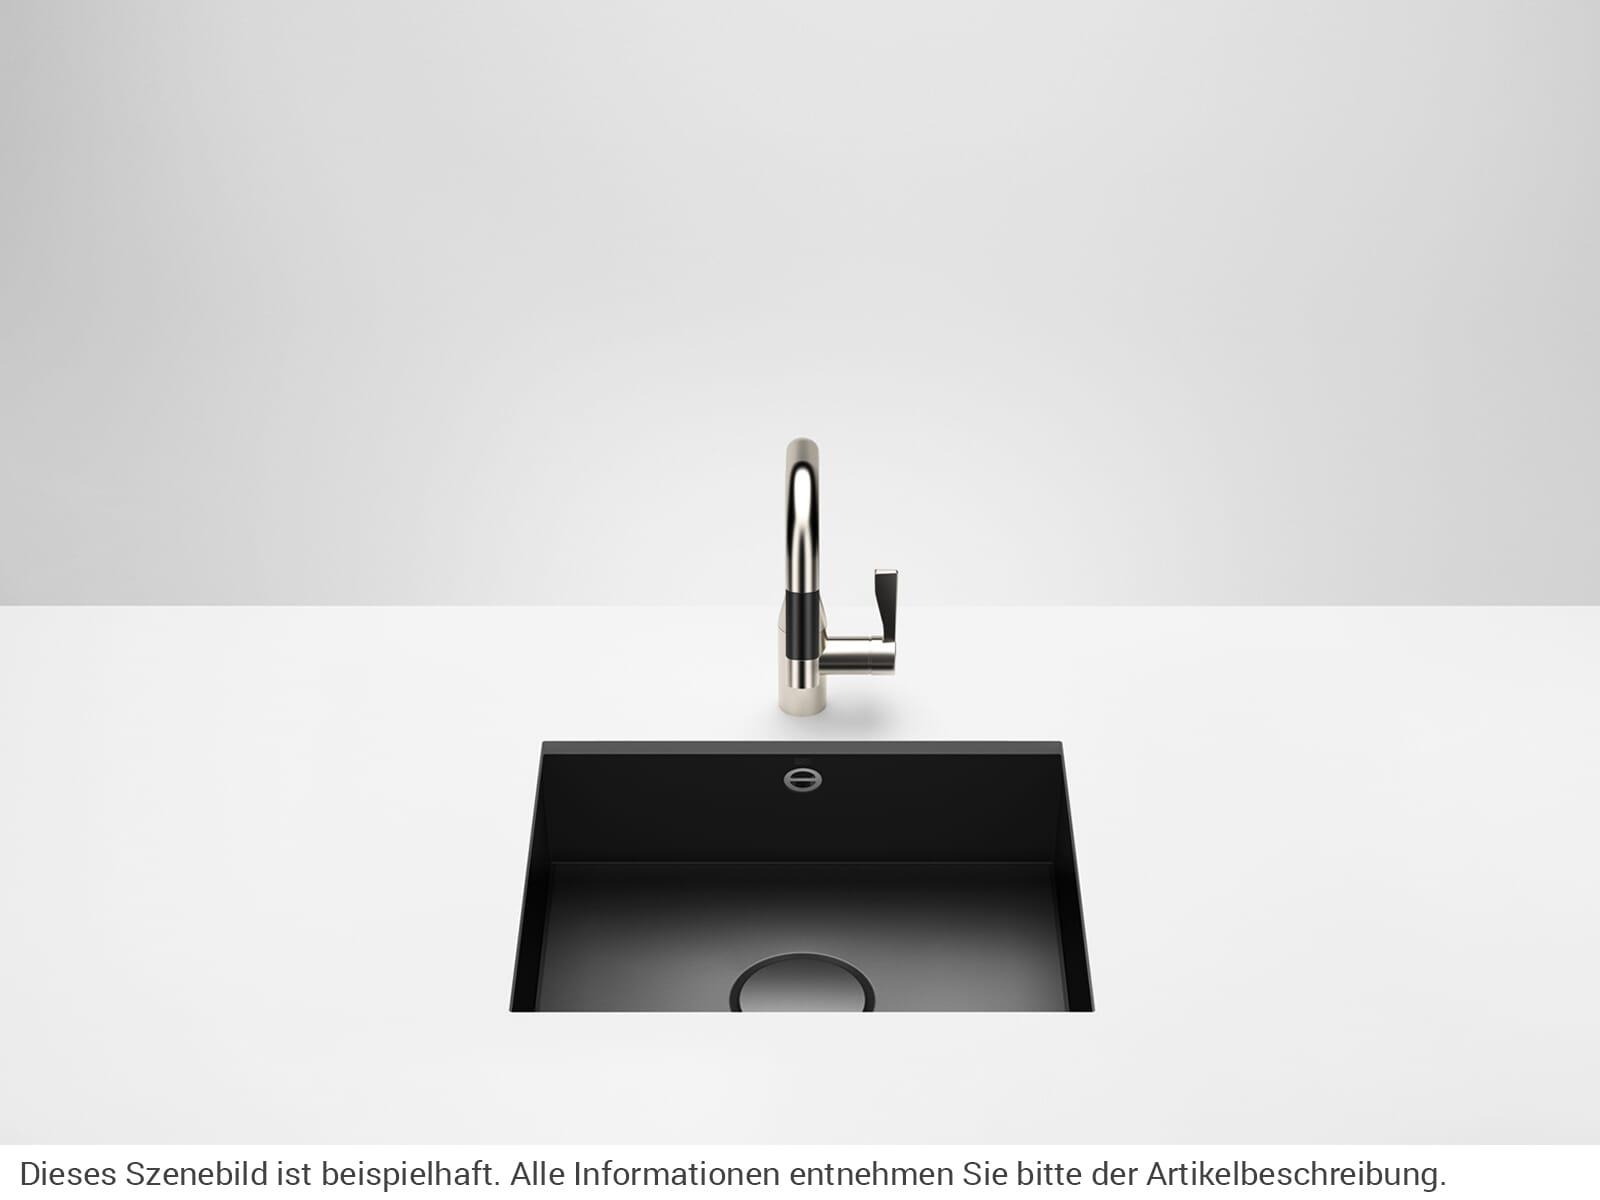 Dornbracht Unterbau-Spüle Glasierter Stahl Schwarz Matt 38500002-71